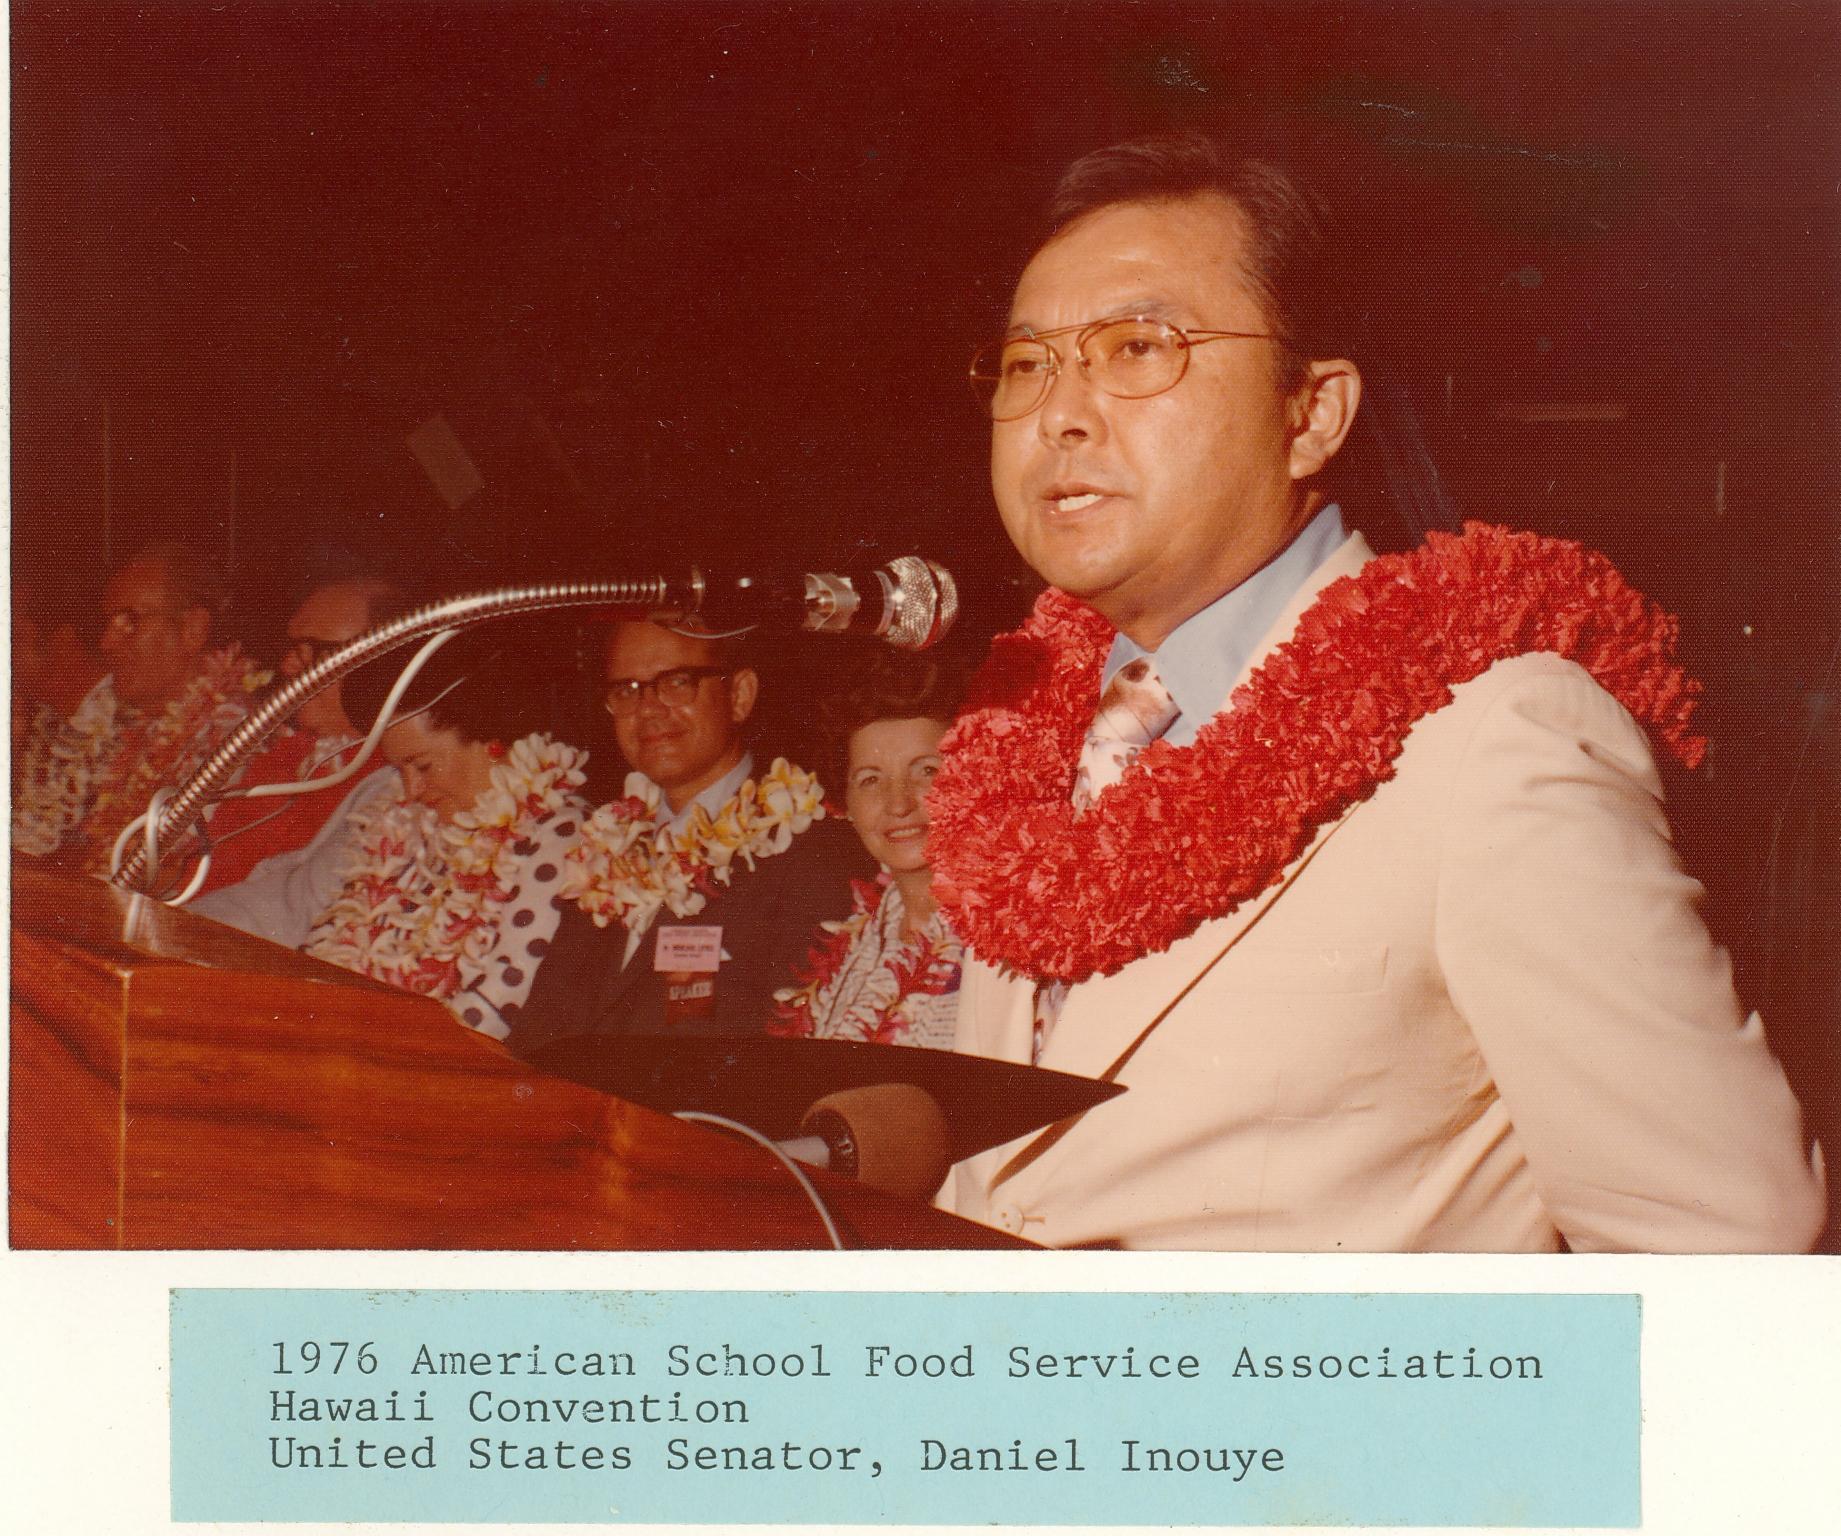 U.S. Senator Daniel Inouye 1976